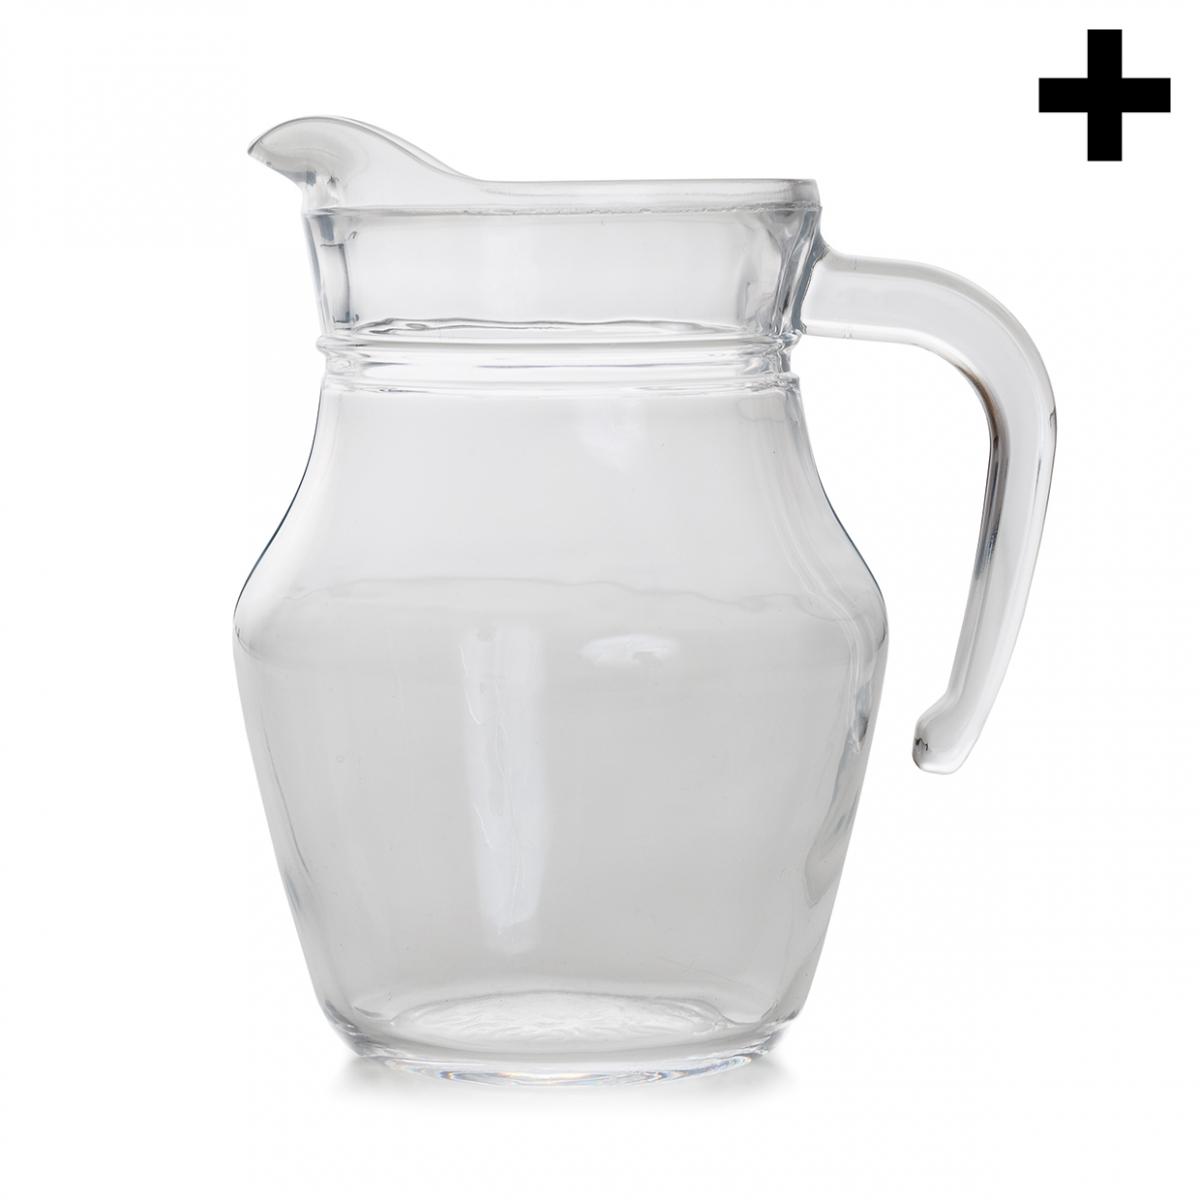 Imagen en la que se ve una jarra de cristal vacía